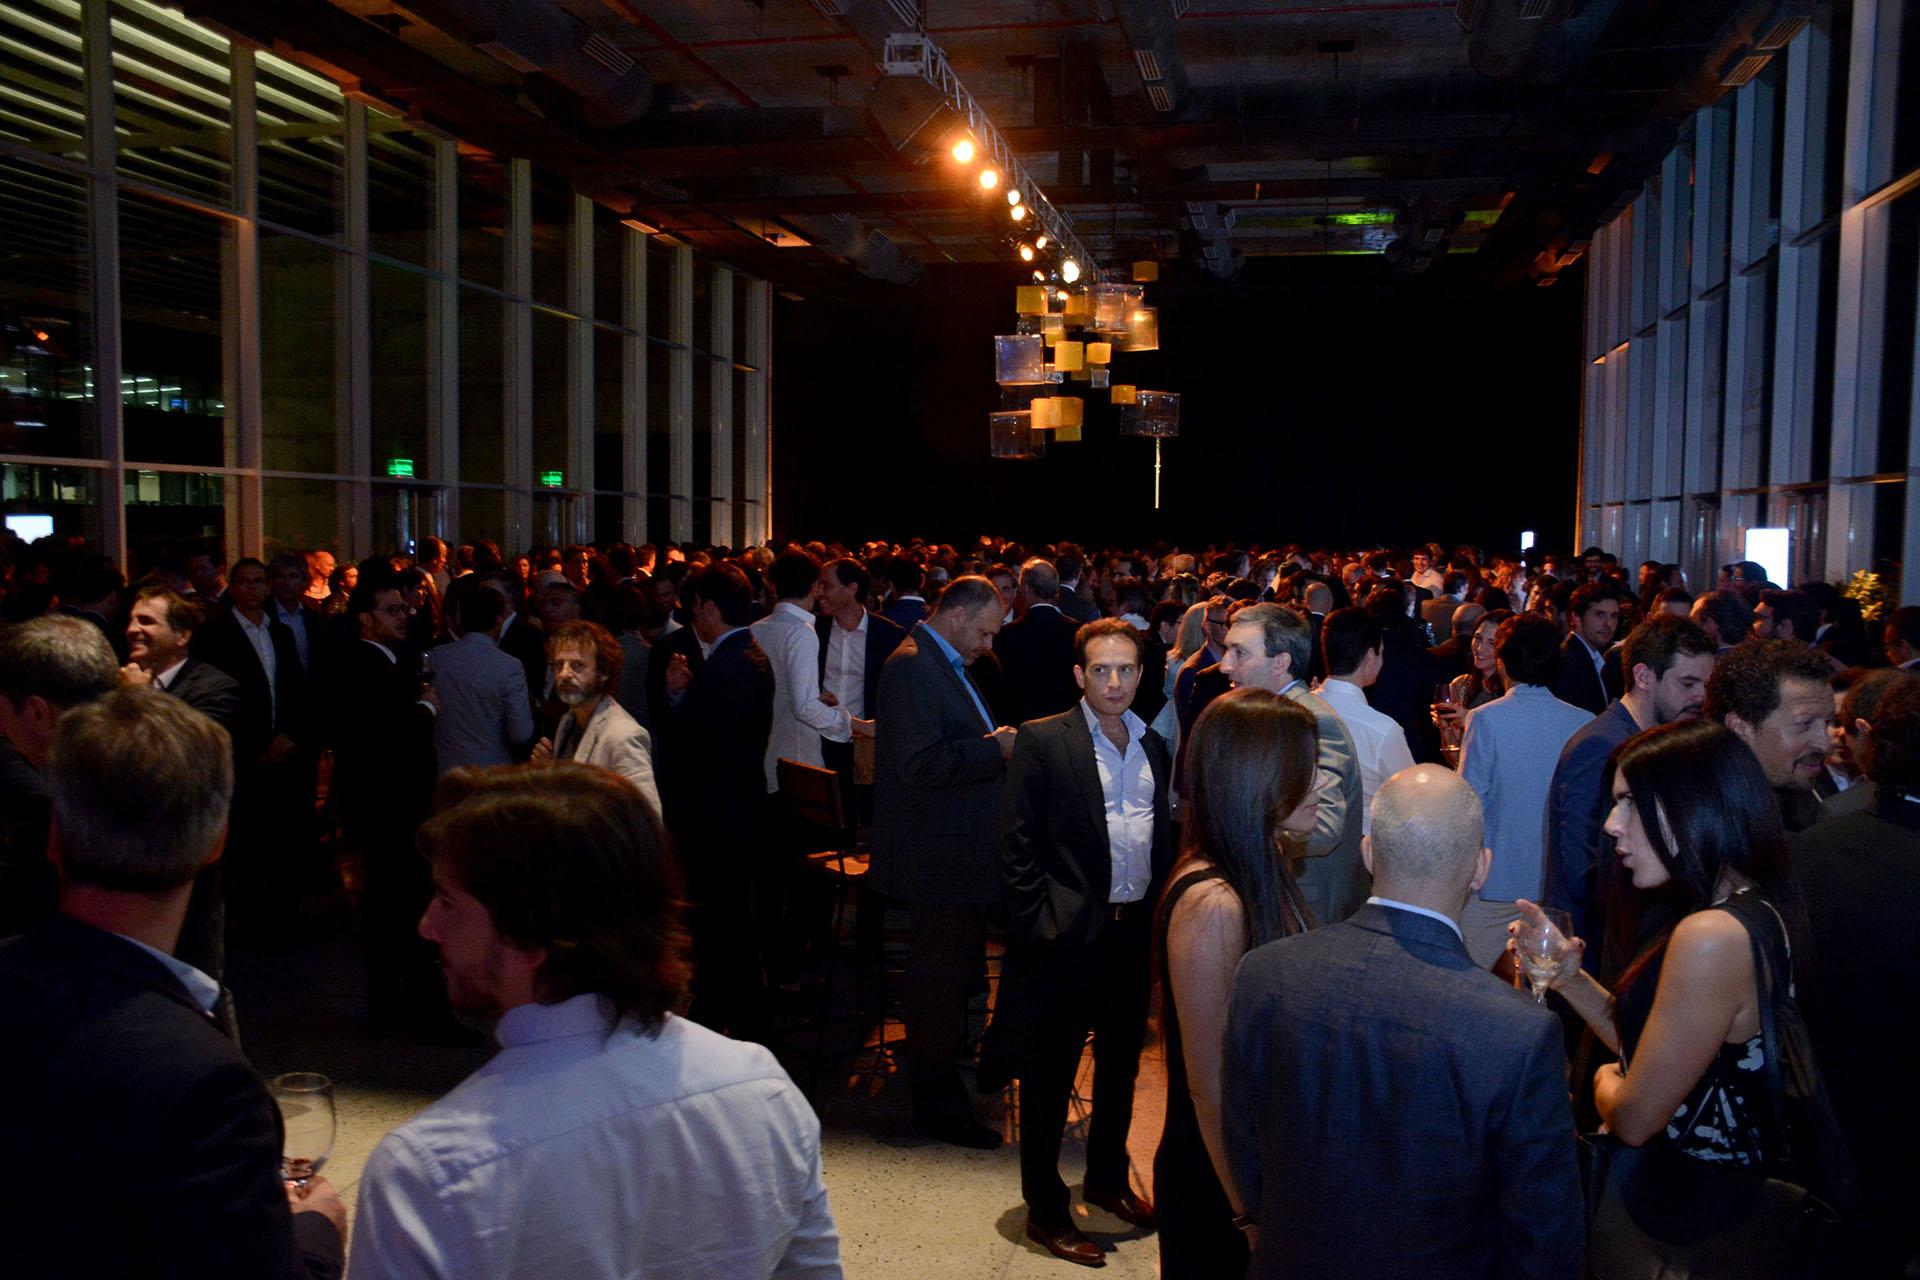 La cita fue en El Cubo, en Vicente López, donde más de 200 personas disfrutaron una noche de ideas y negocios y amistad